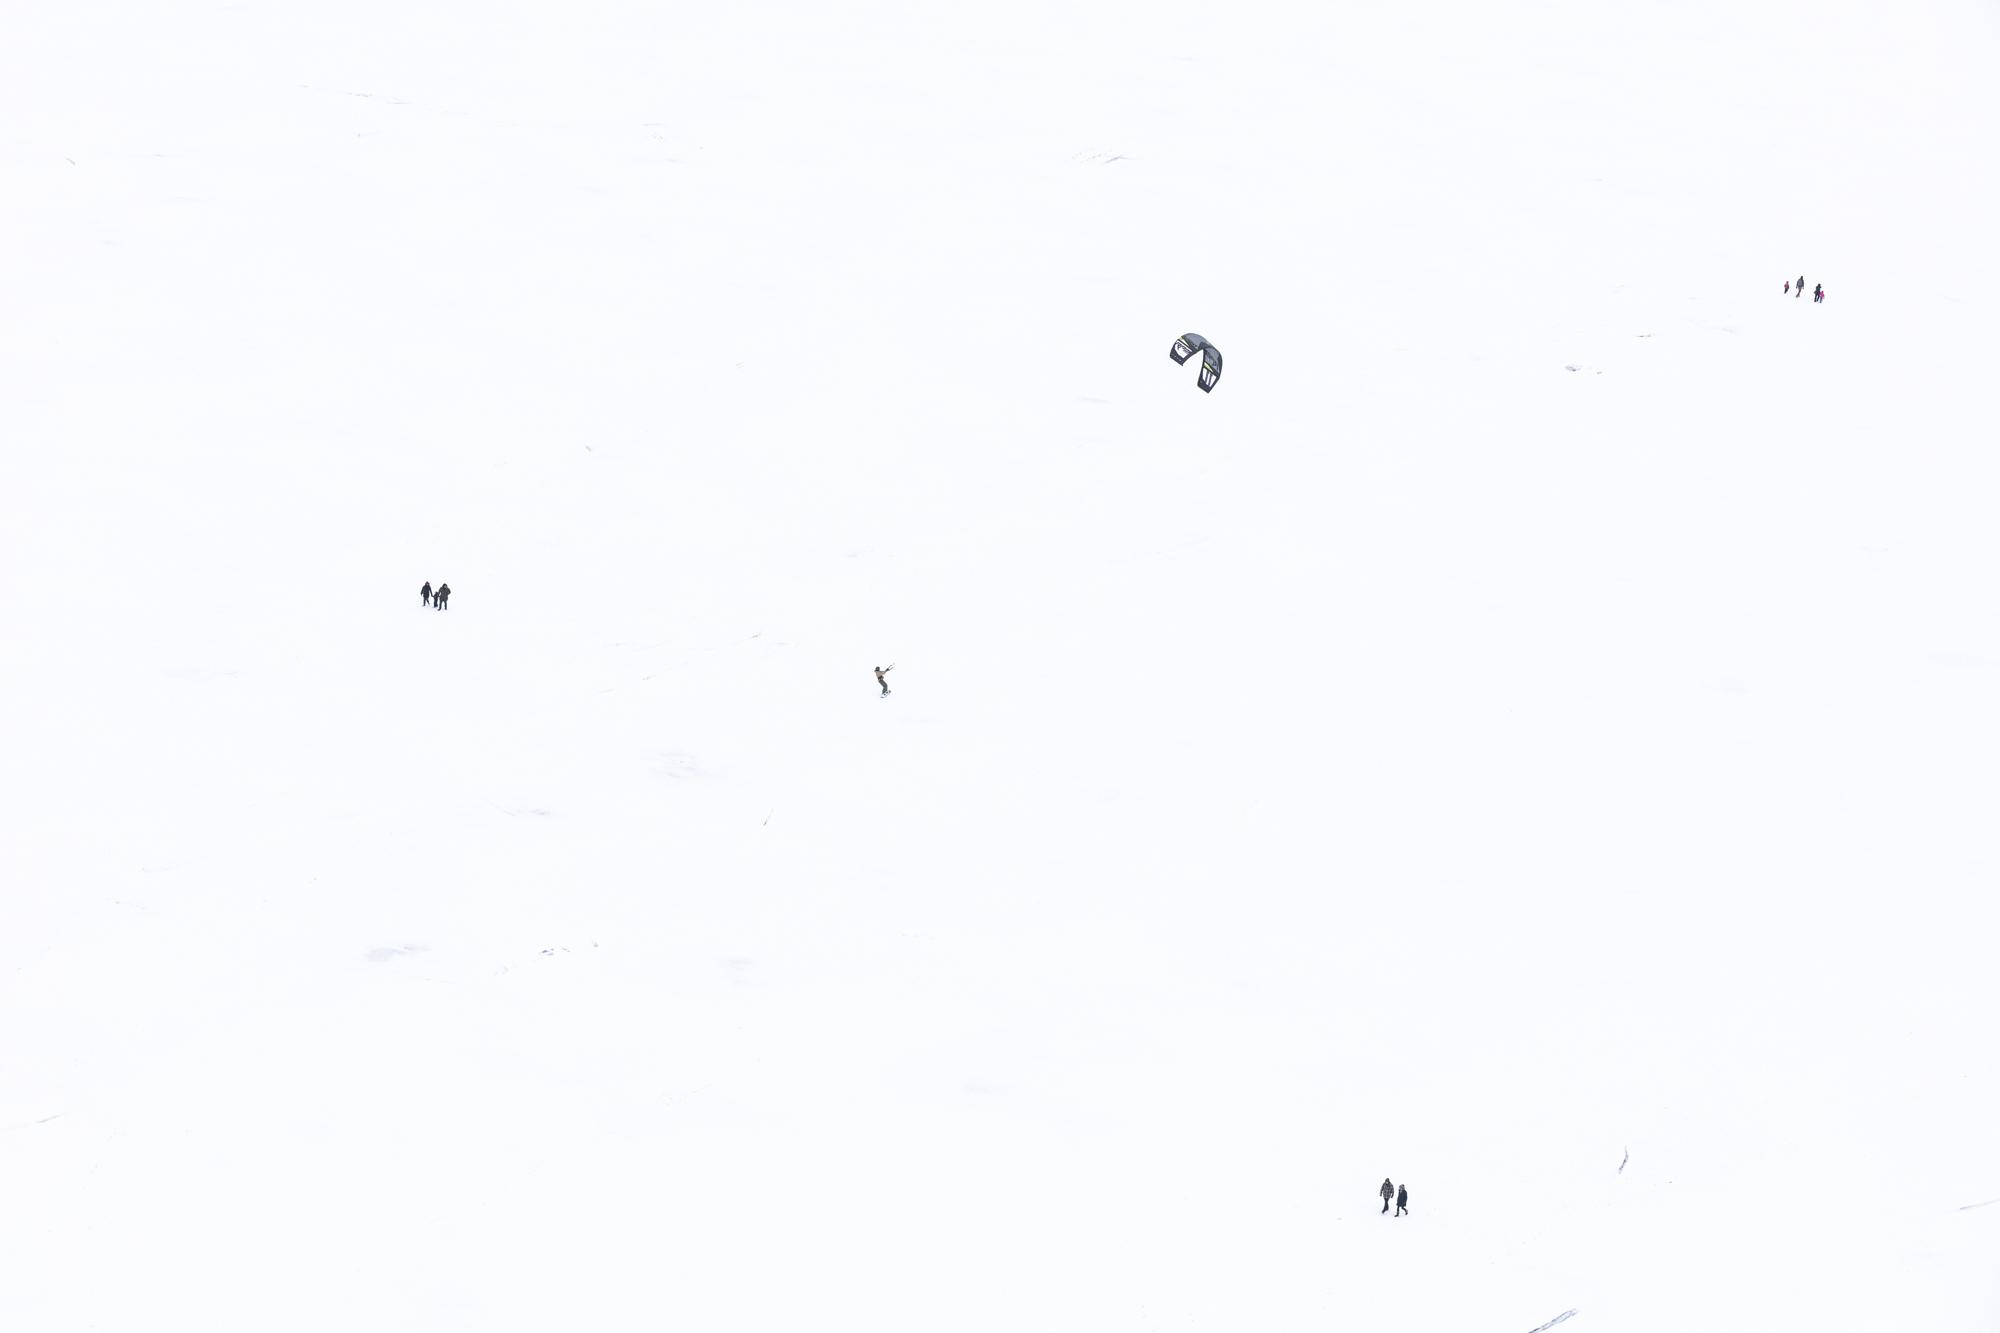 160206_WinterAerials_01376T.JPG